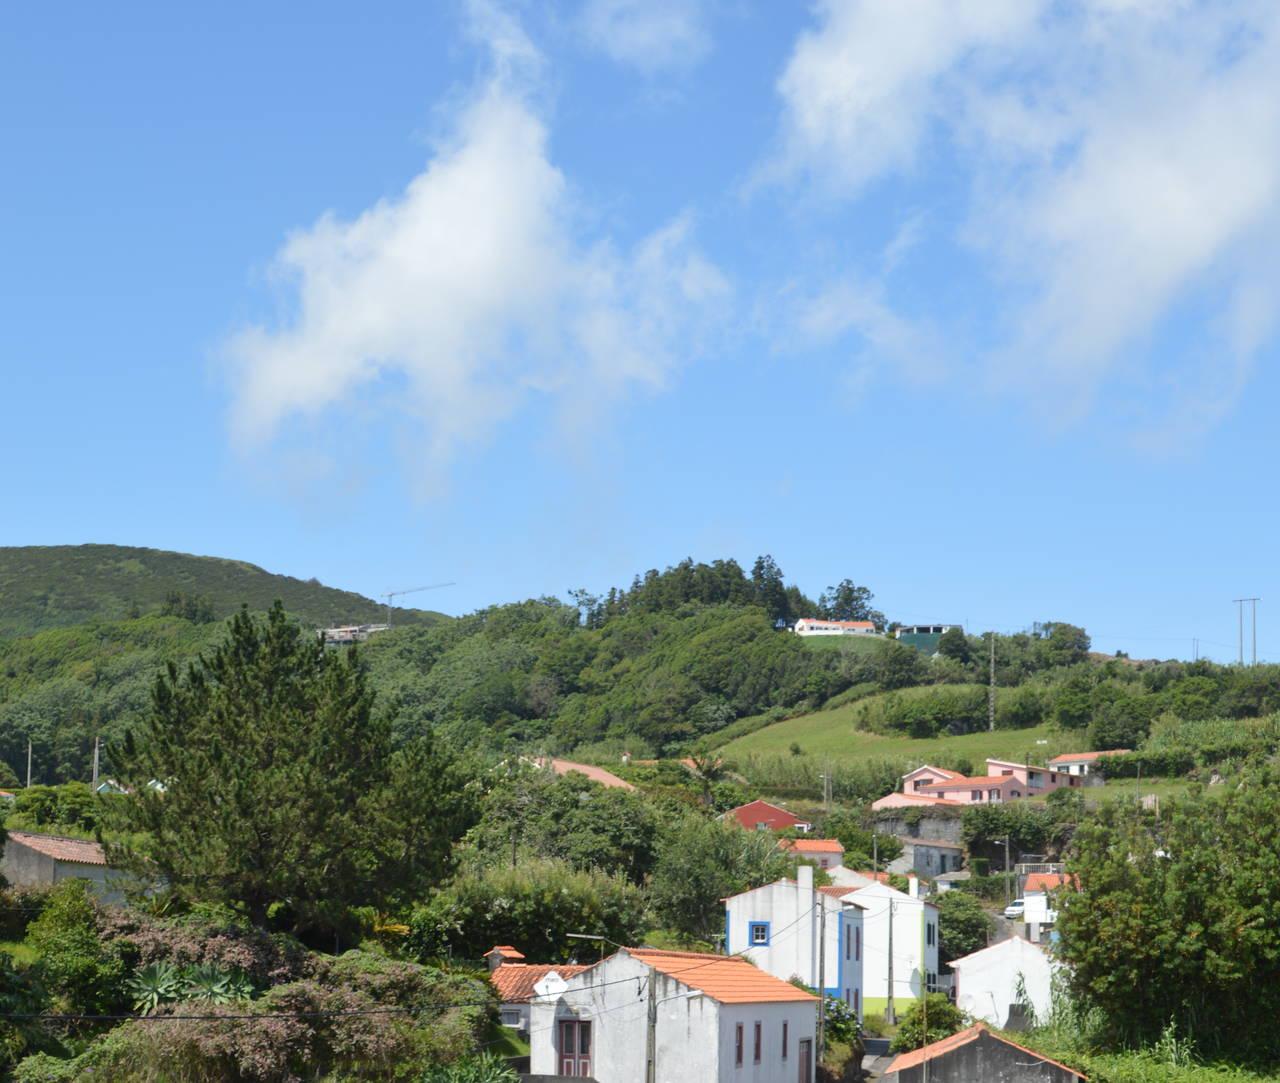 Bergdorp in Faial